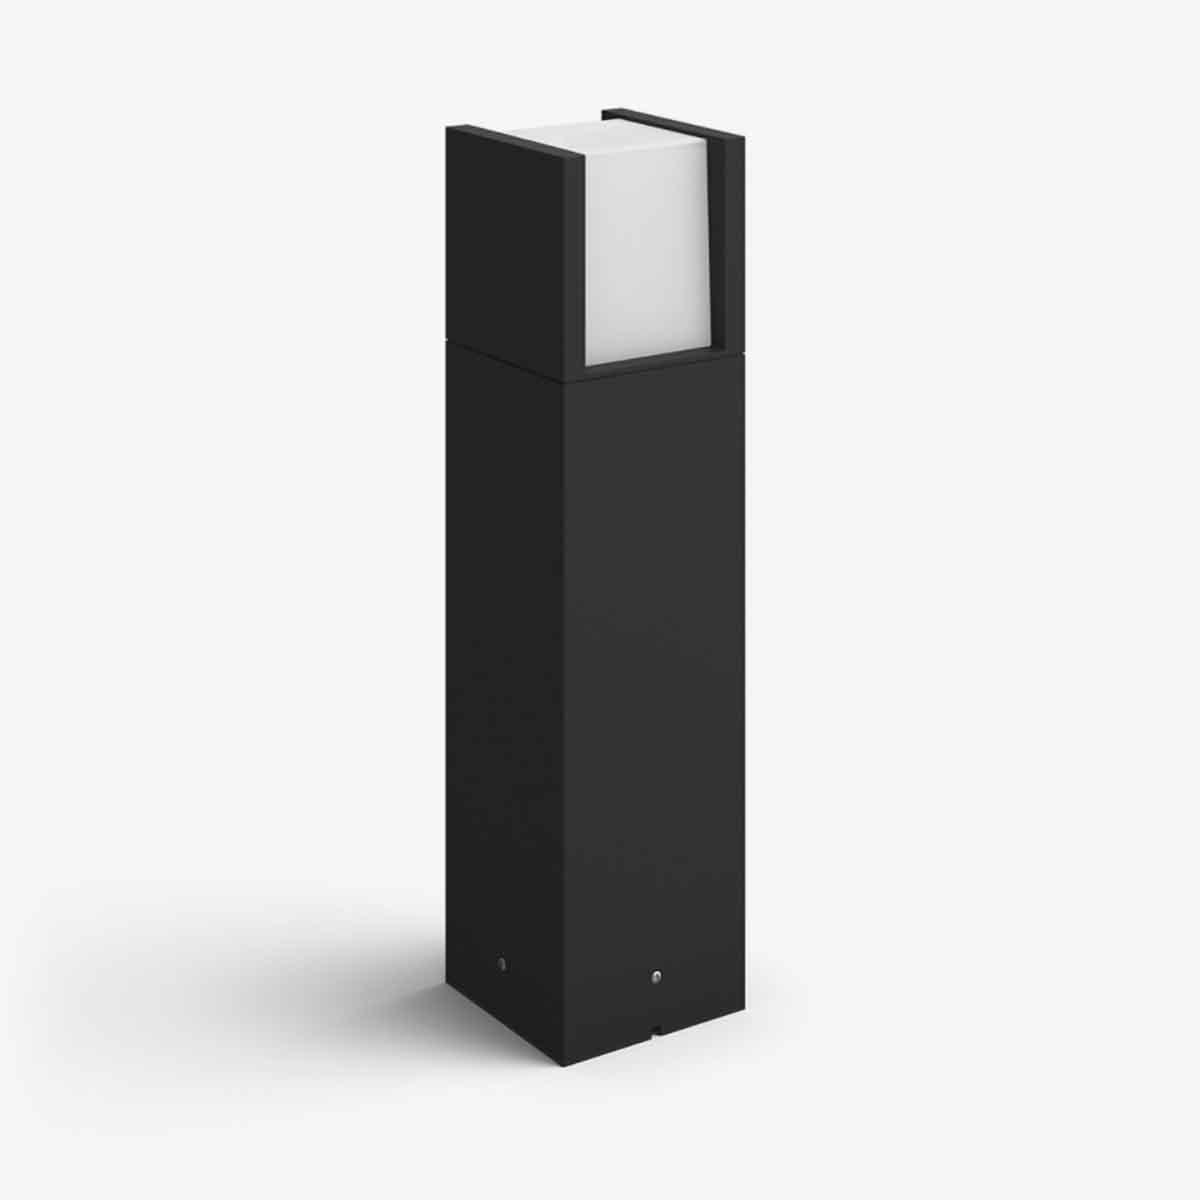 Philips Hue Fuzo baliza exterior negro-0